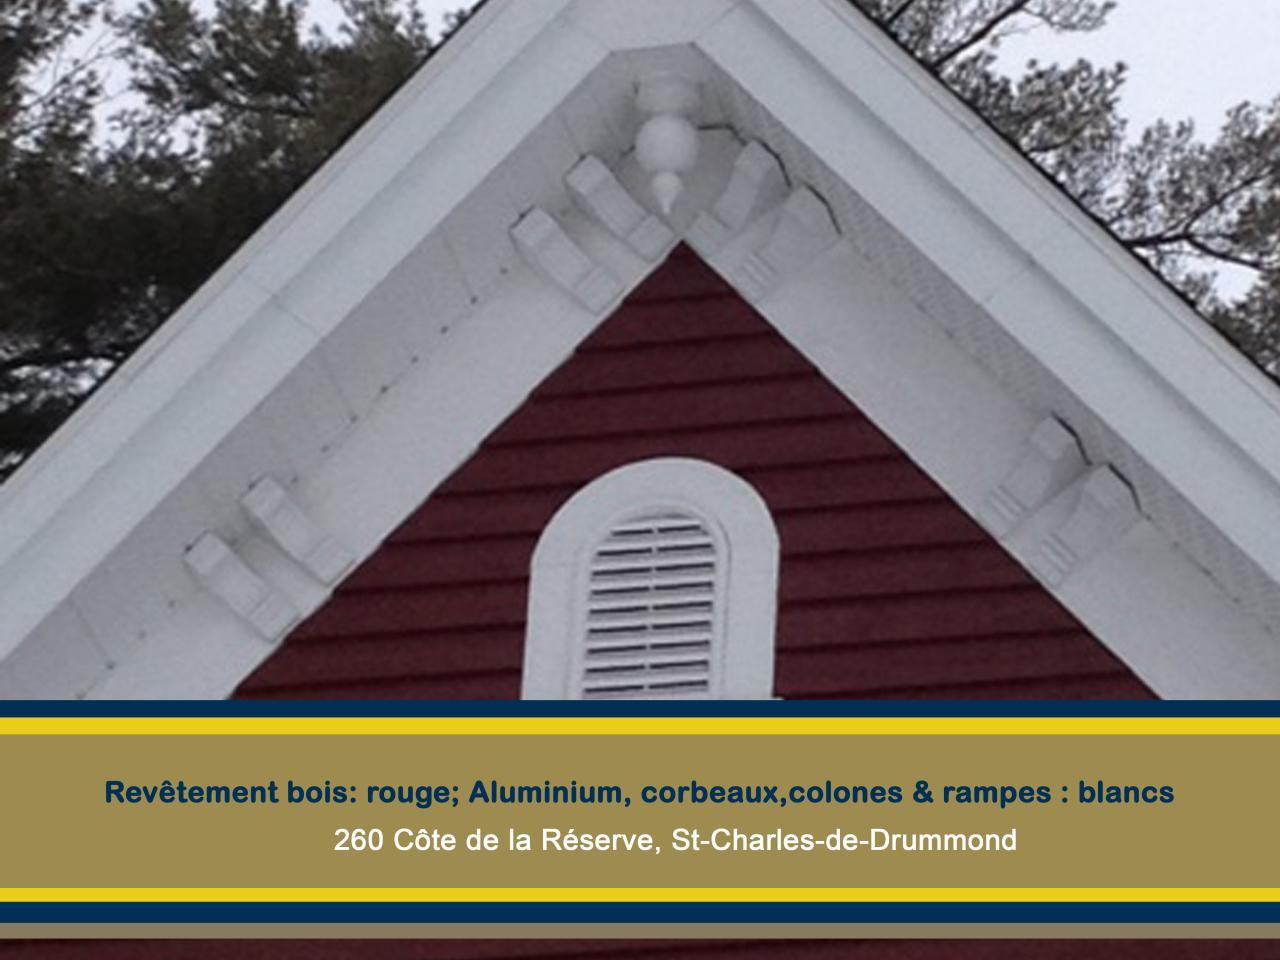 Corbeaux 260 Côte de la Réserve St-Charles de Drummond